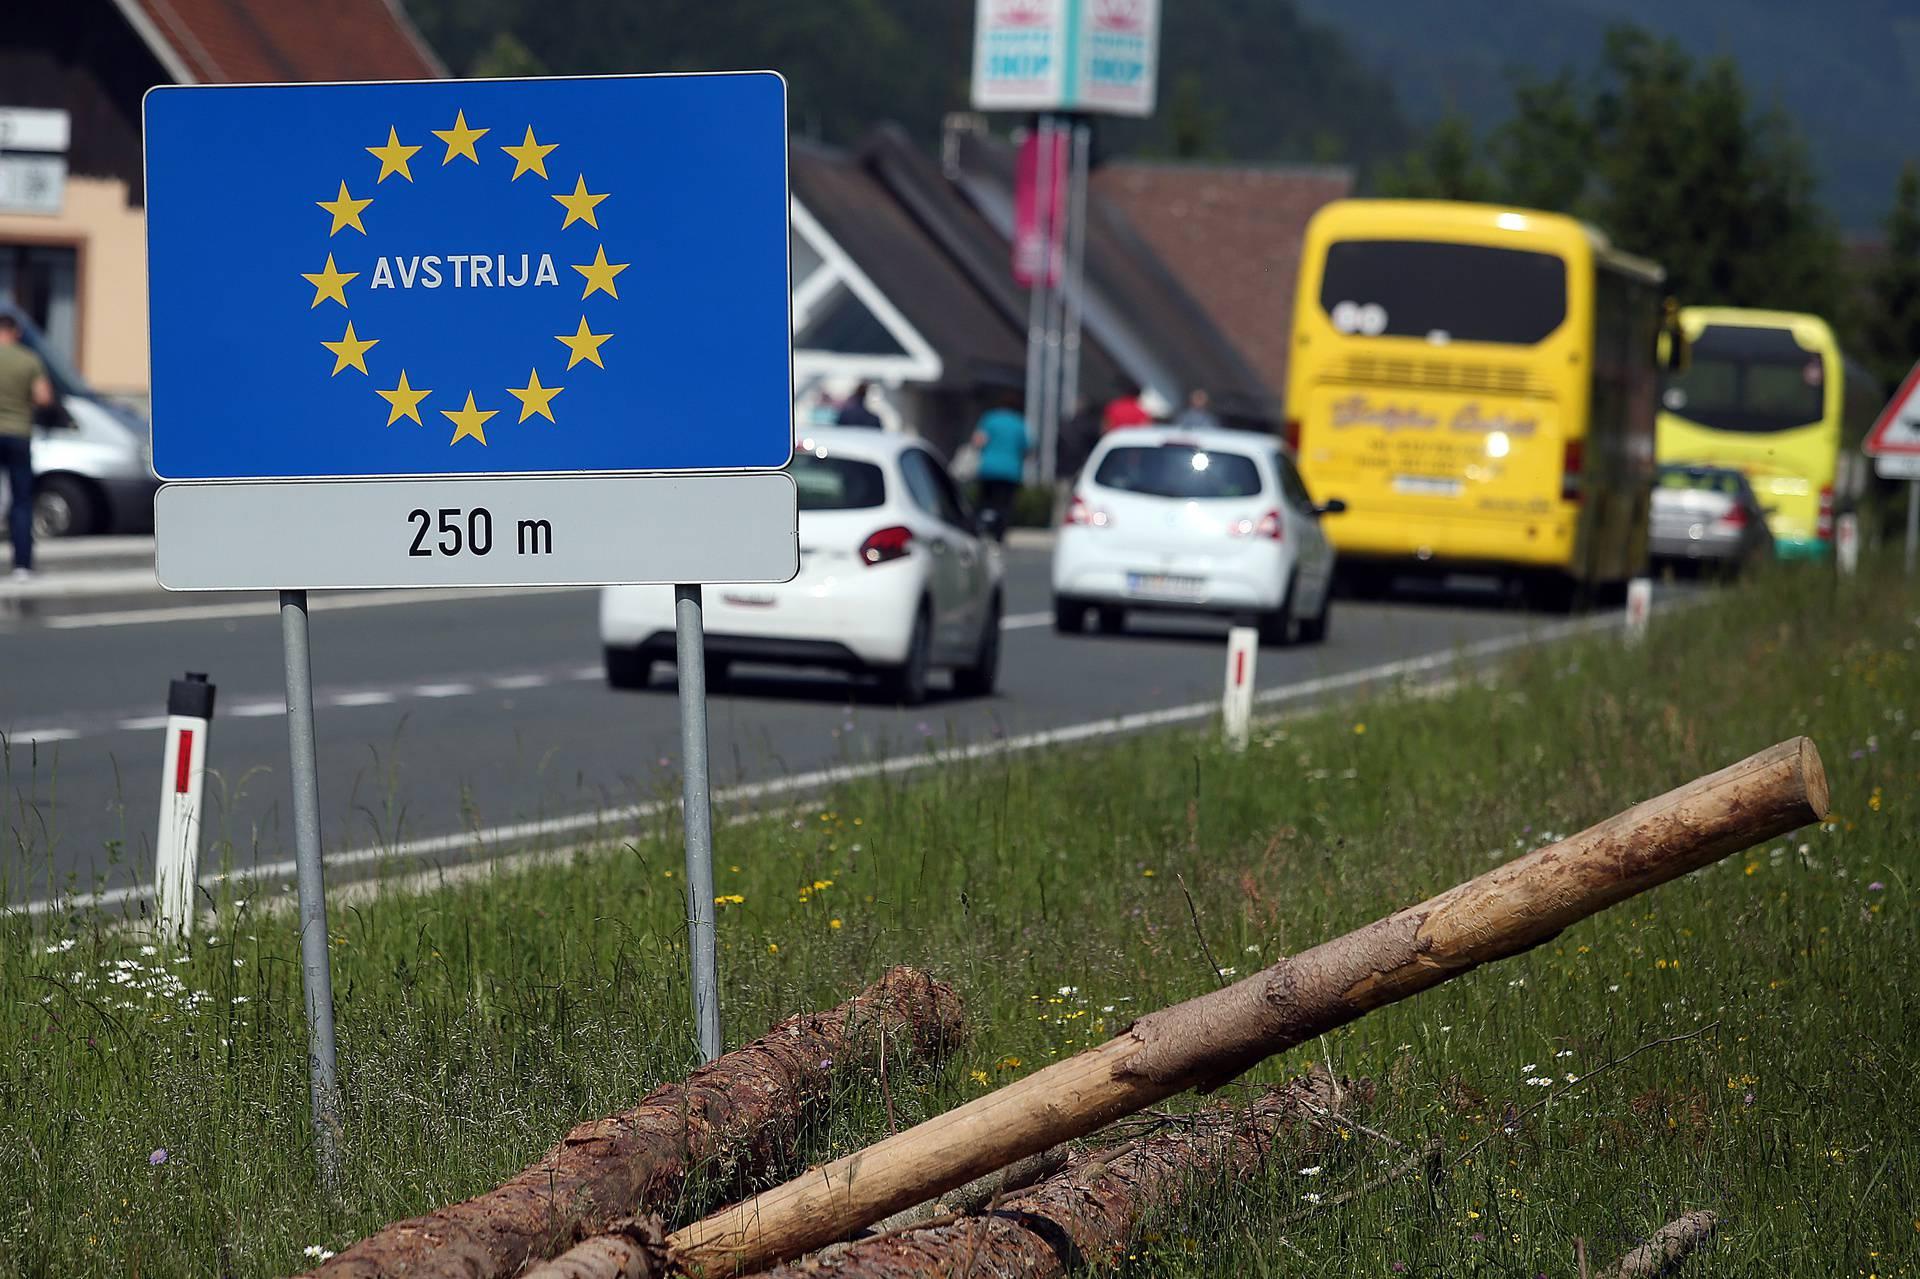 Austrija zbog ilegalnih migracija pojačava kontrole na granicama